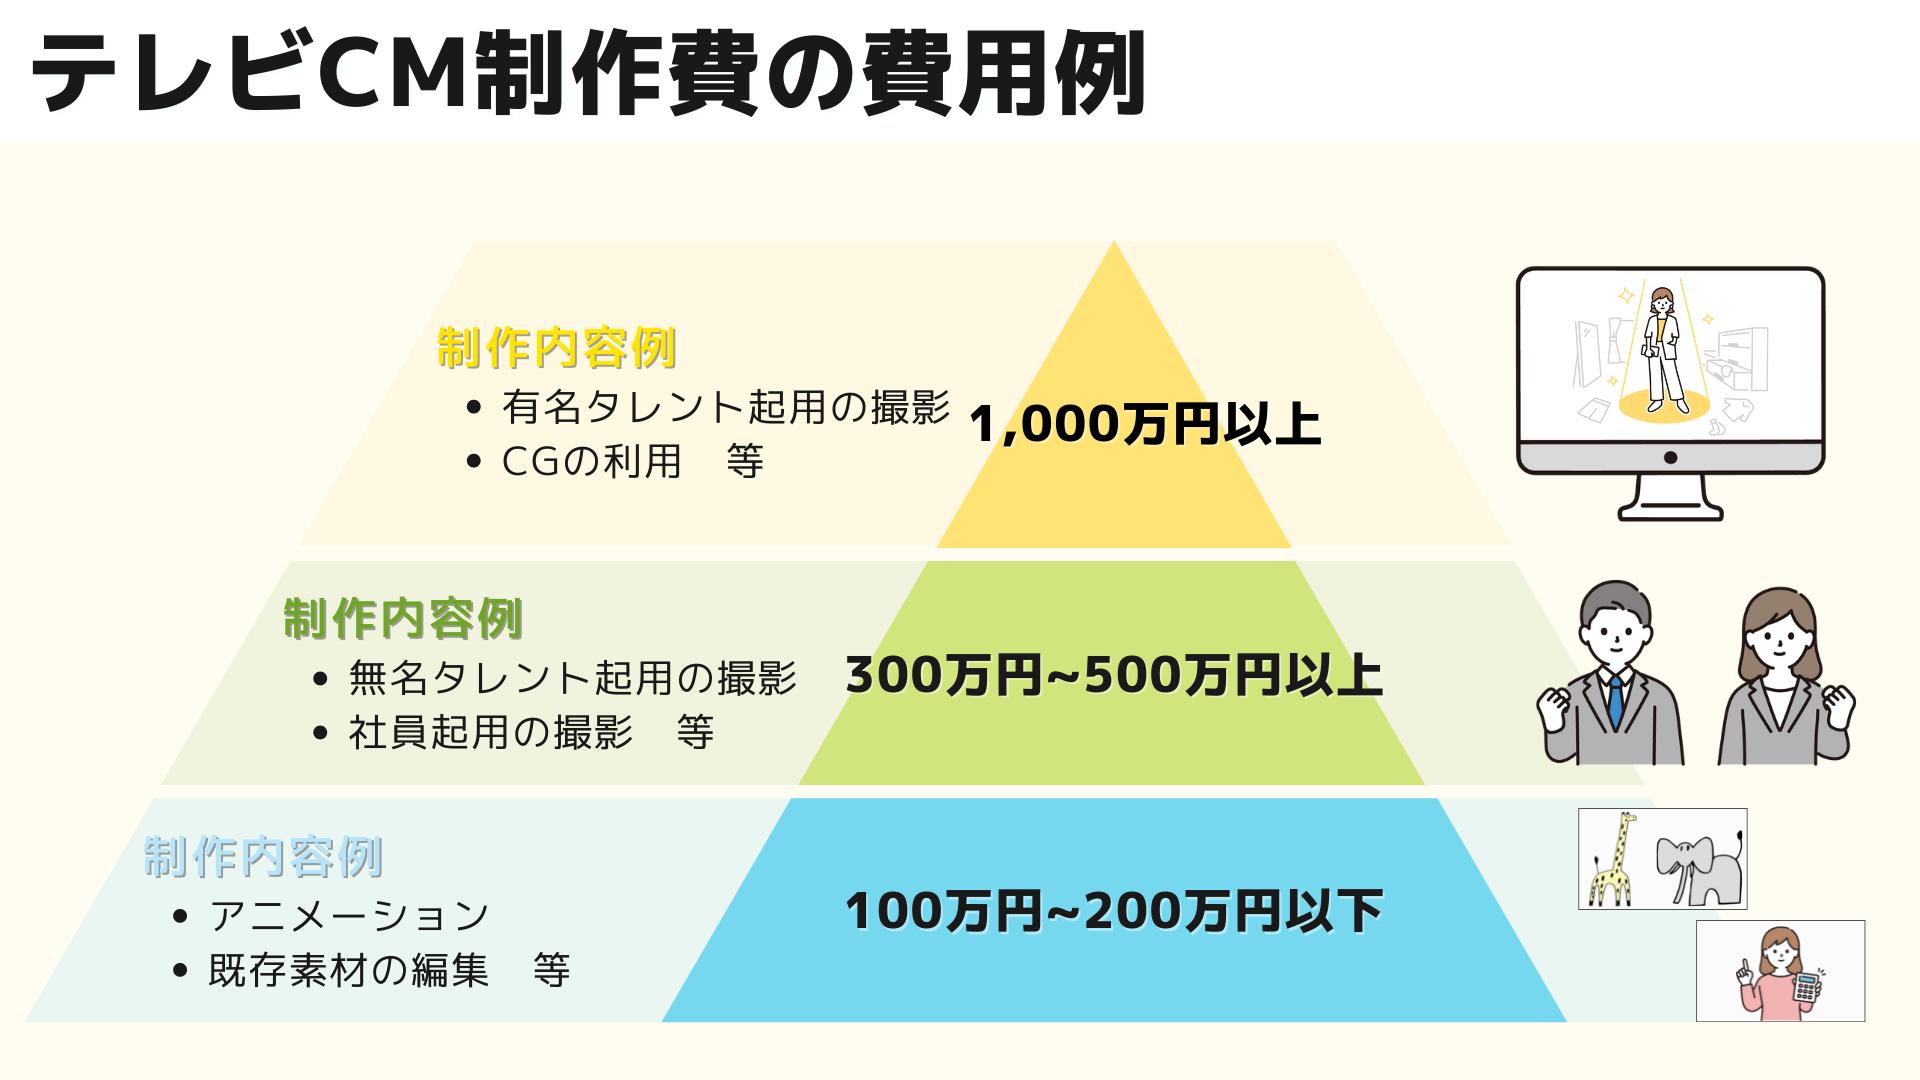 テレビCM制作費の例